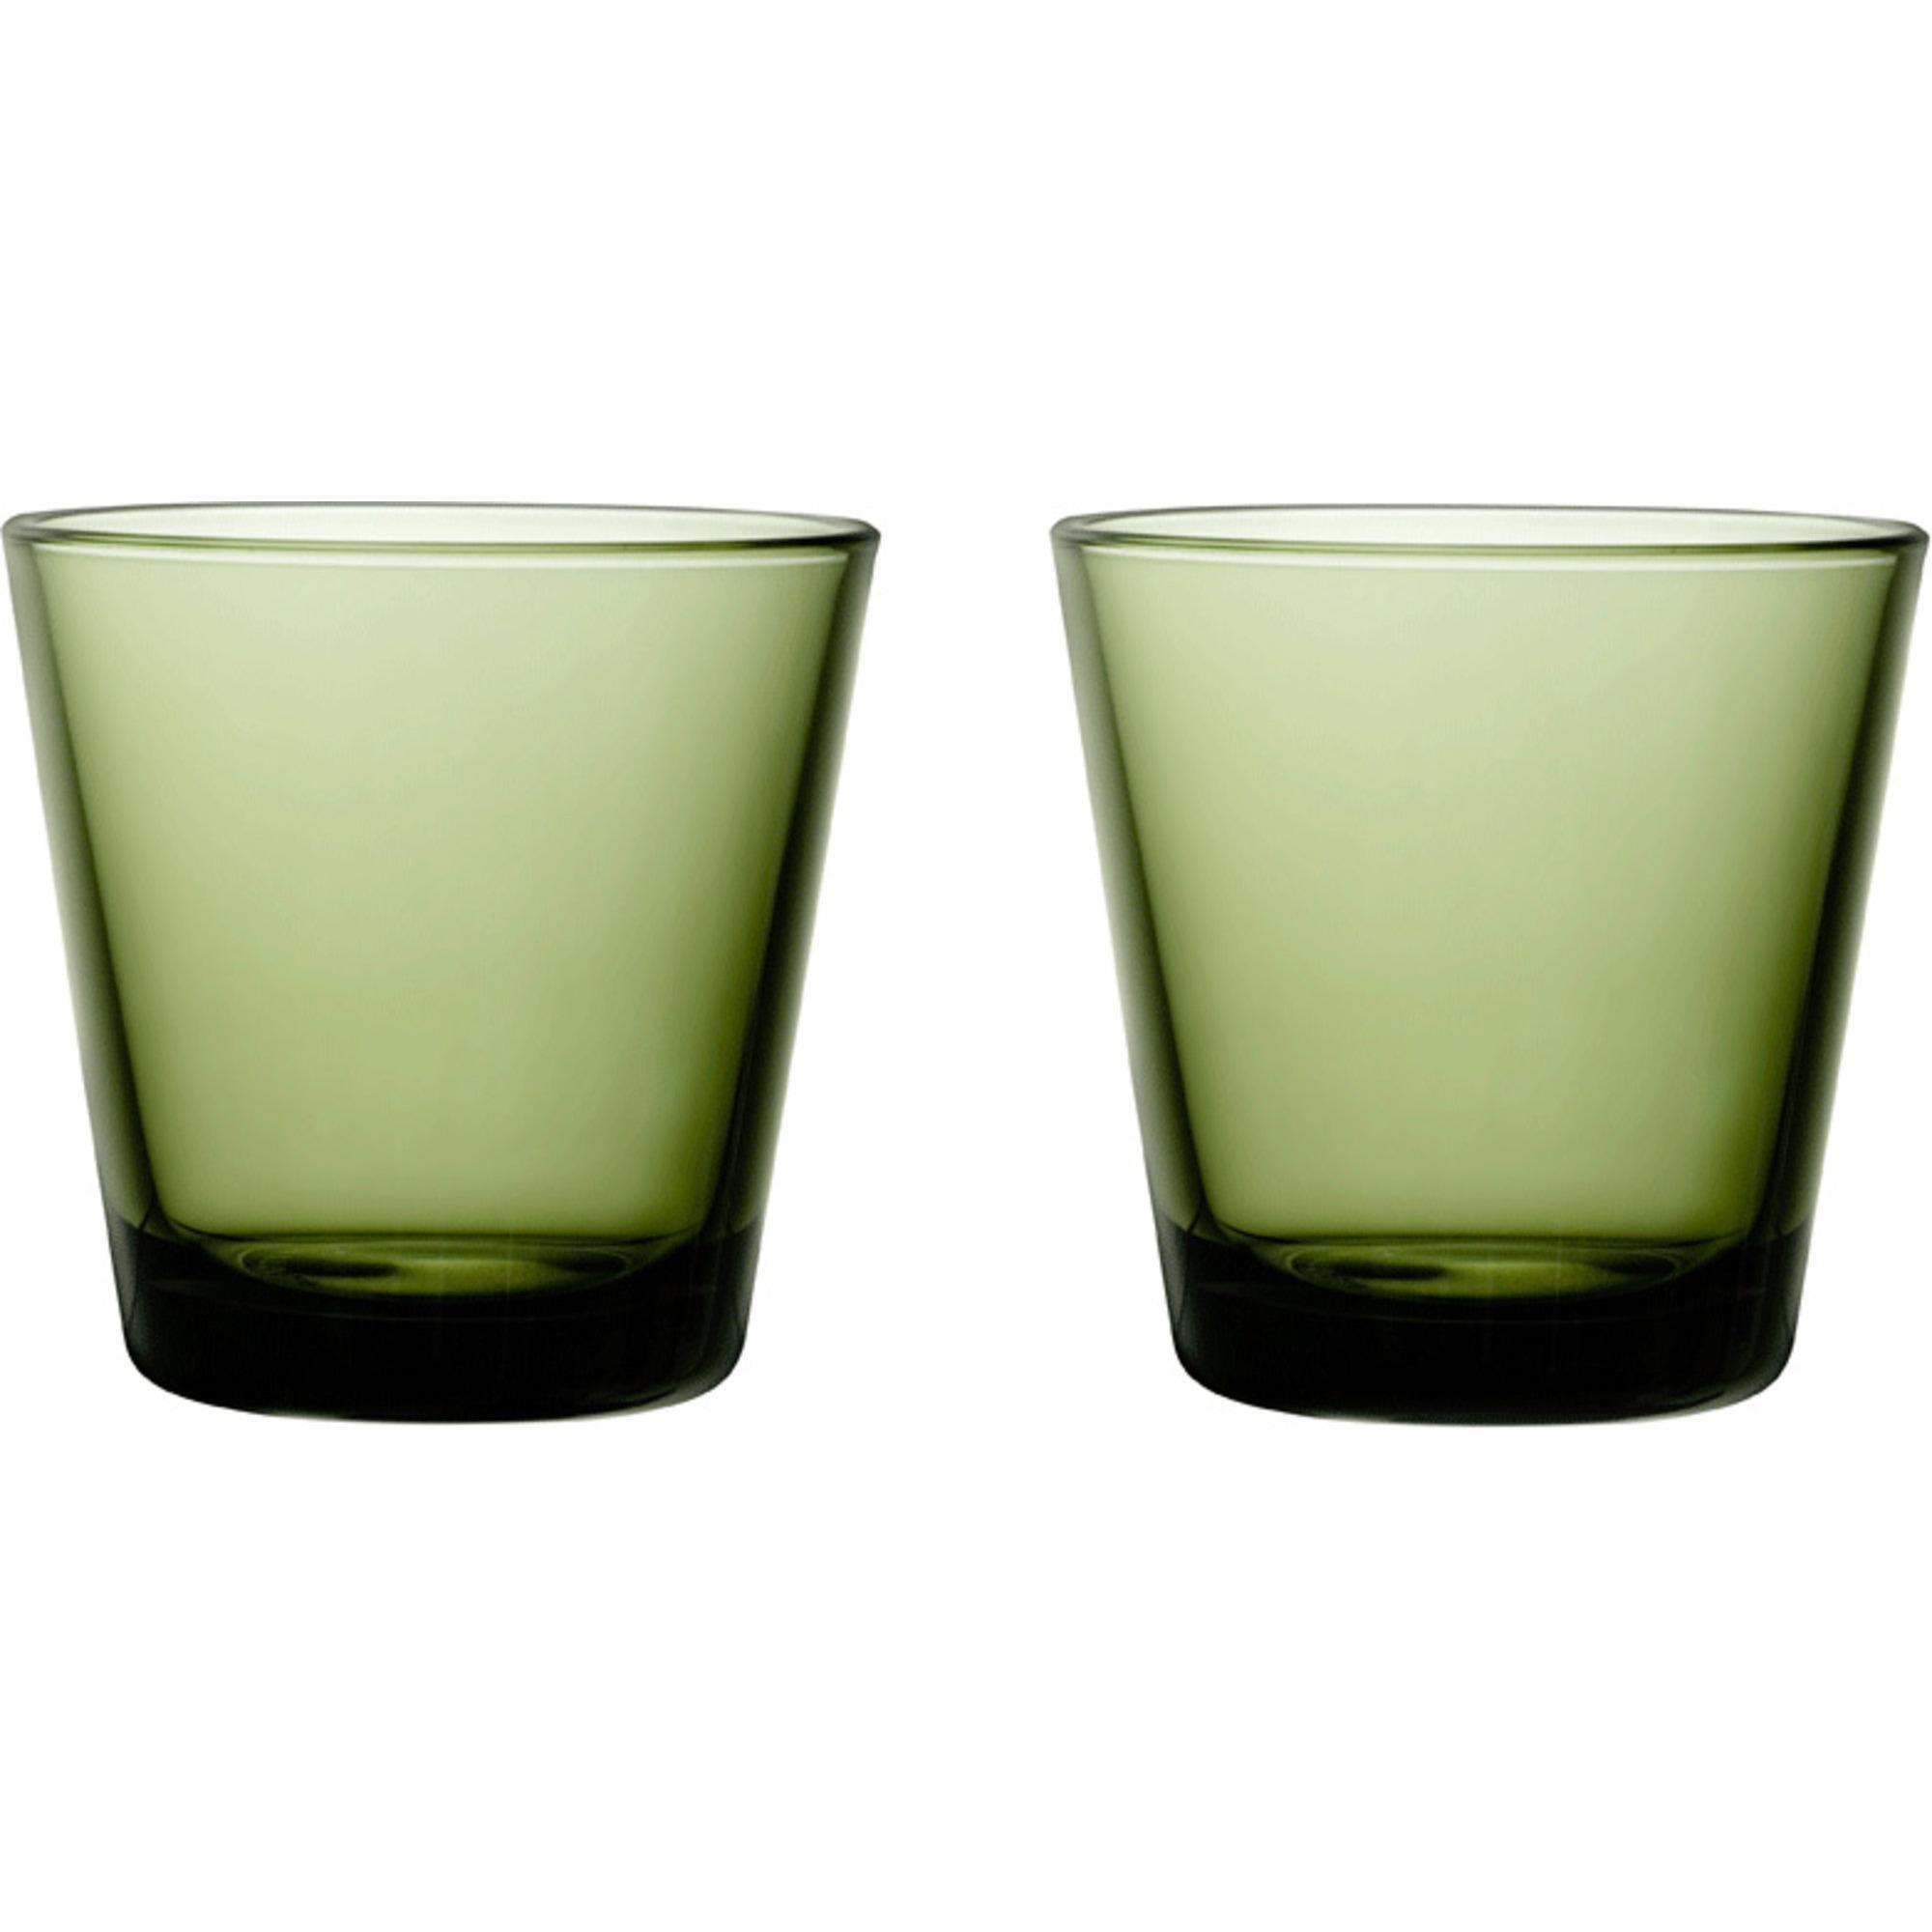 Iittala Kartio Glas 21 cl Mossgrön 2-pack